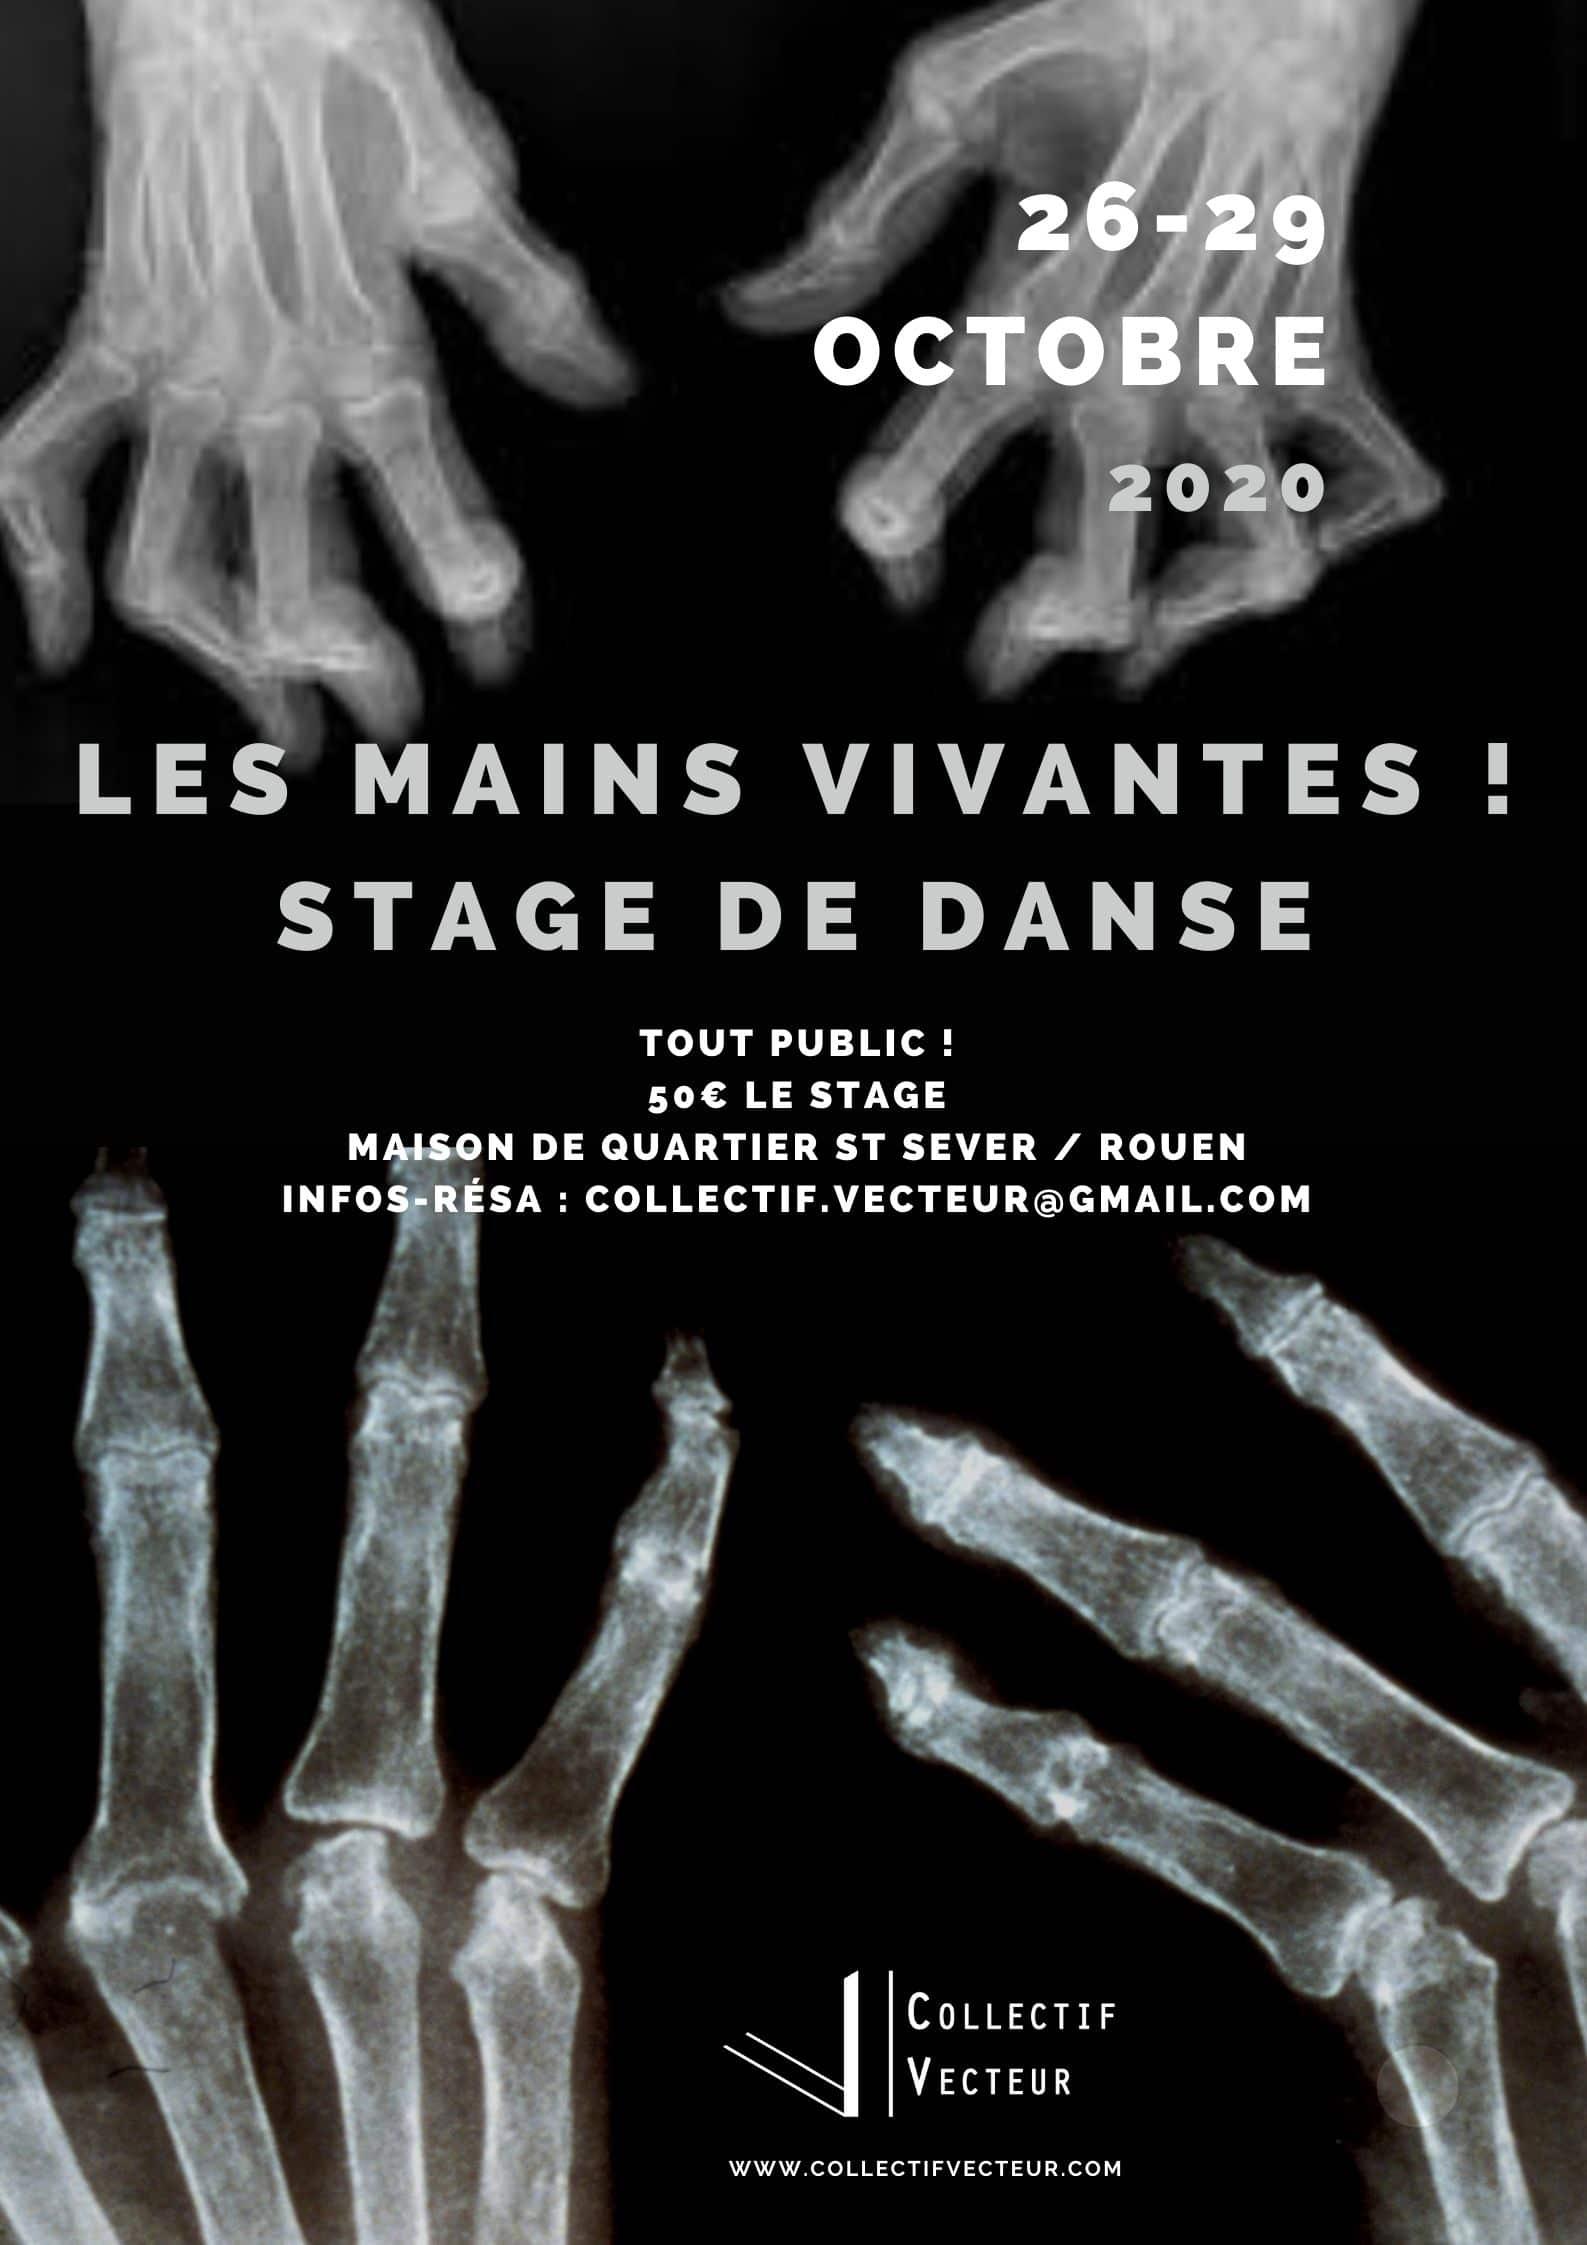 remous danse 2020 mains vivantes collectif vetceur Rouen normandie